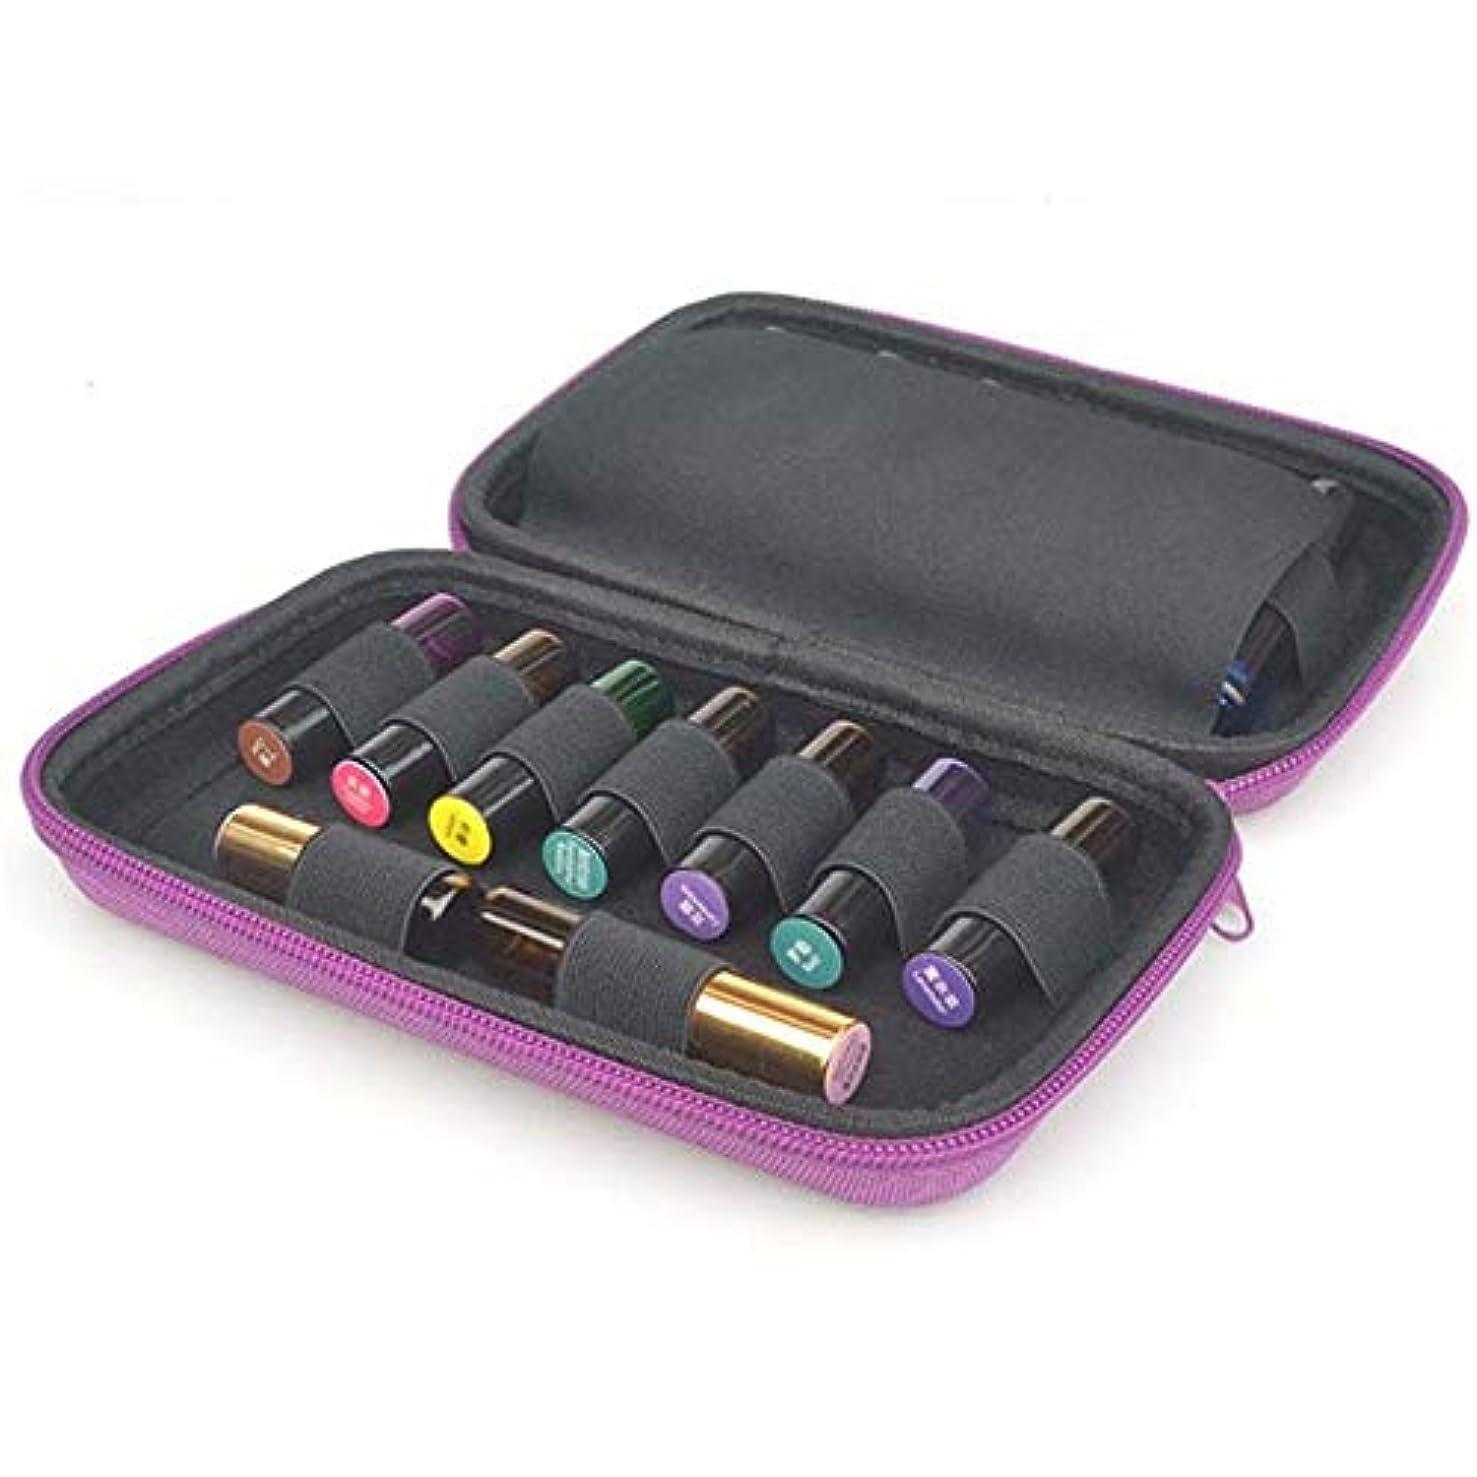 論争的カジュアルおそらくエッセンシャルオイルの保管 エッセンシャルオイル5〜10ミリリットルローラーと標準ボトルの場合は最大15本のボトルパーフェクトのためのケースプレミアムハードシェル保護キャリング (色 : 紫の, サイズ : 20X13X4.5CM)